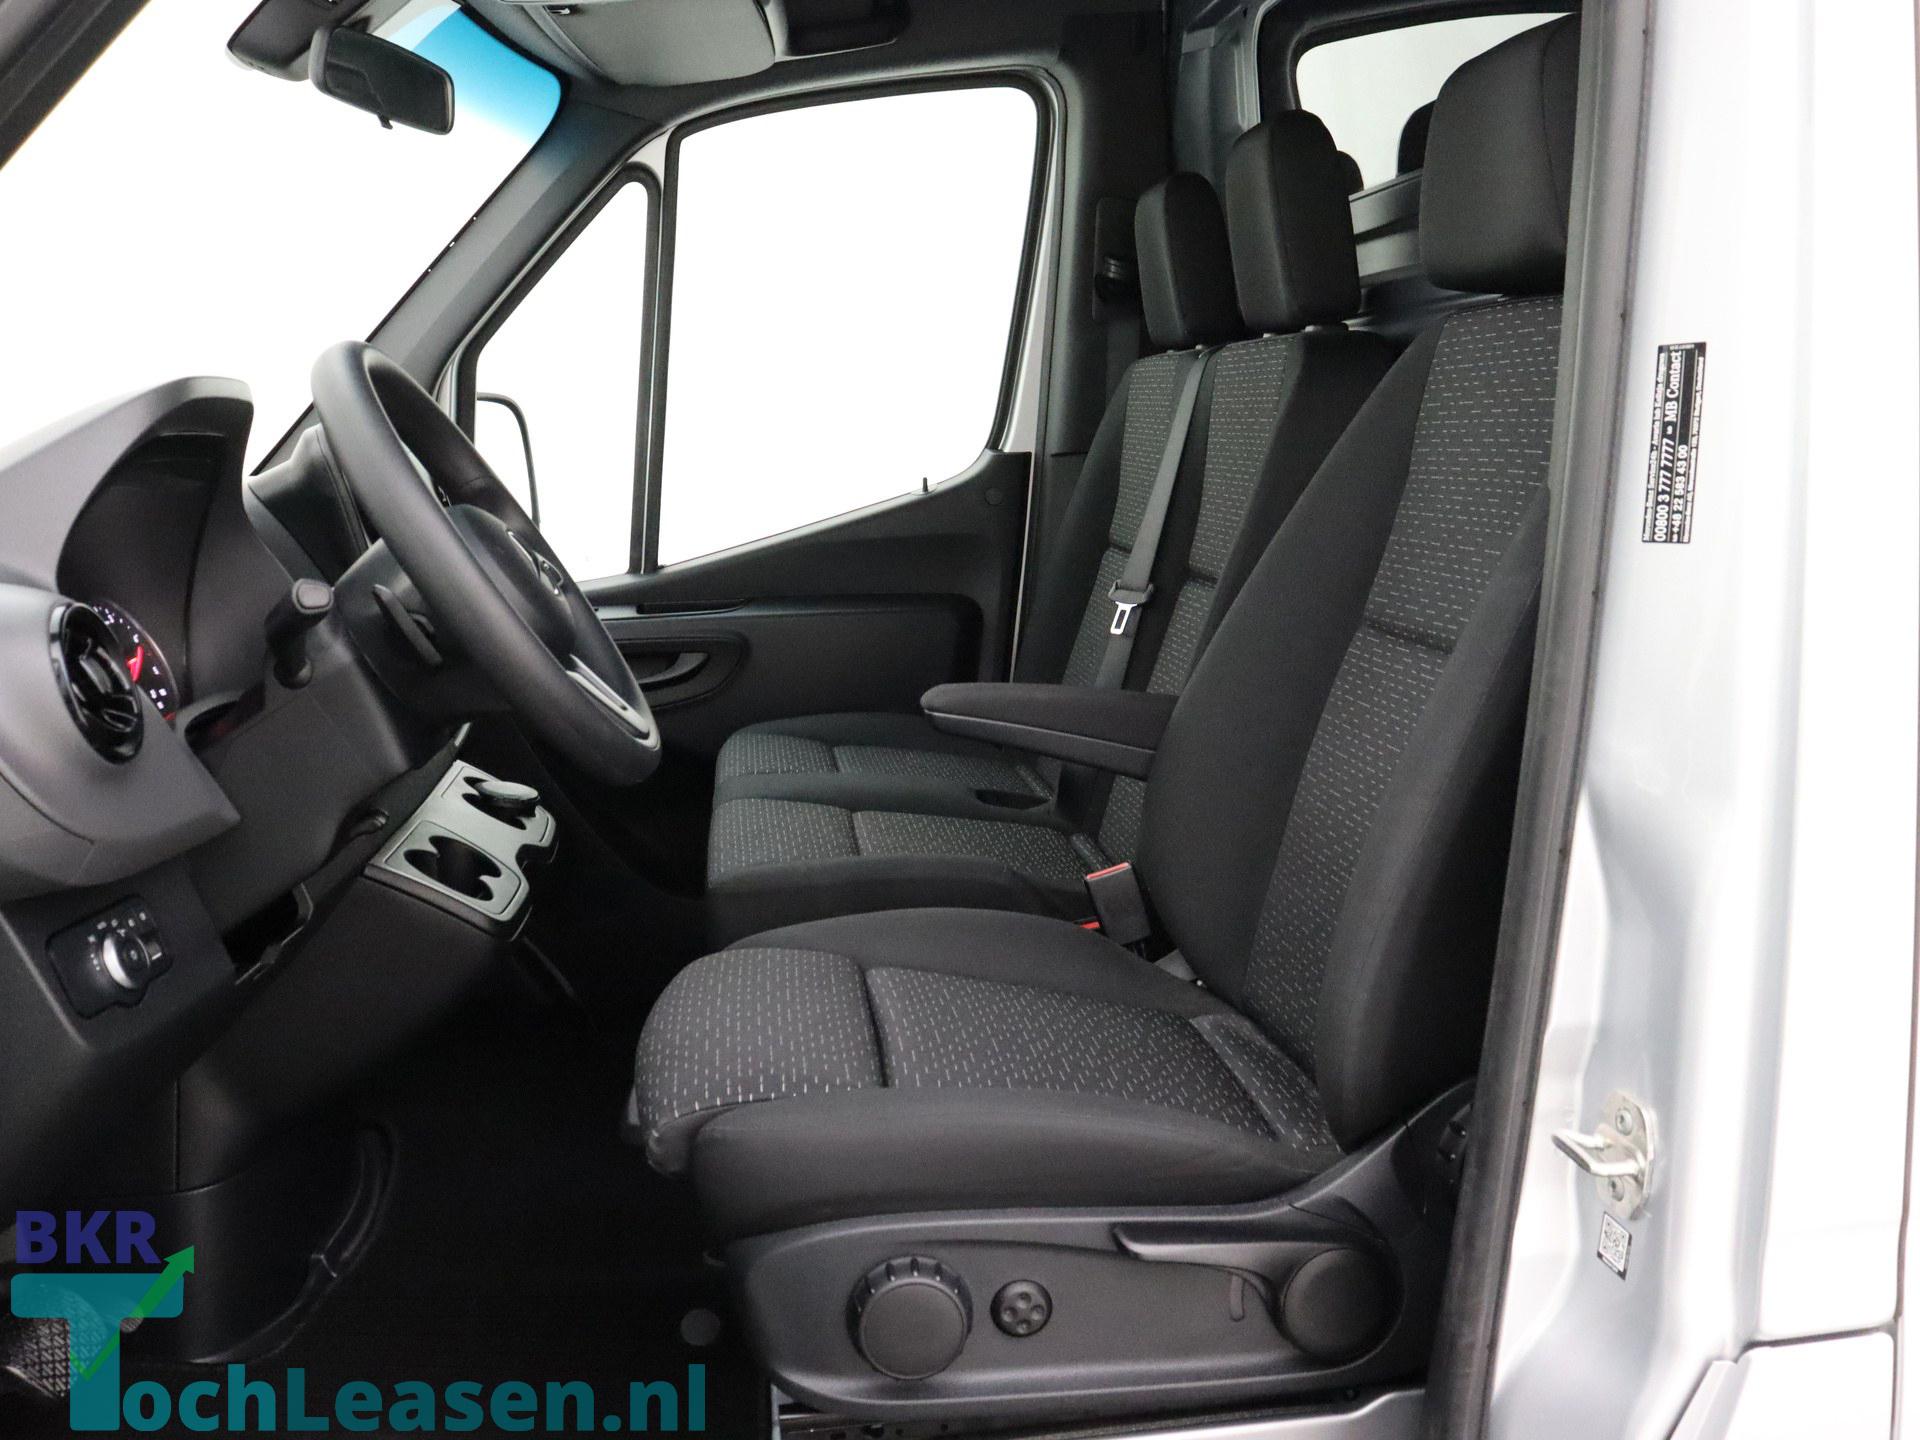 BKR toch leasen - Mercedes-Benz Sprinter - Zilver 9